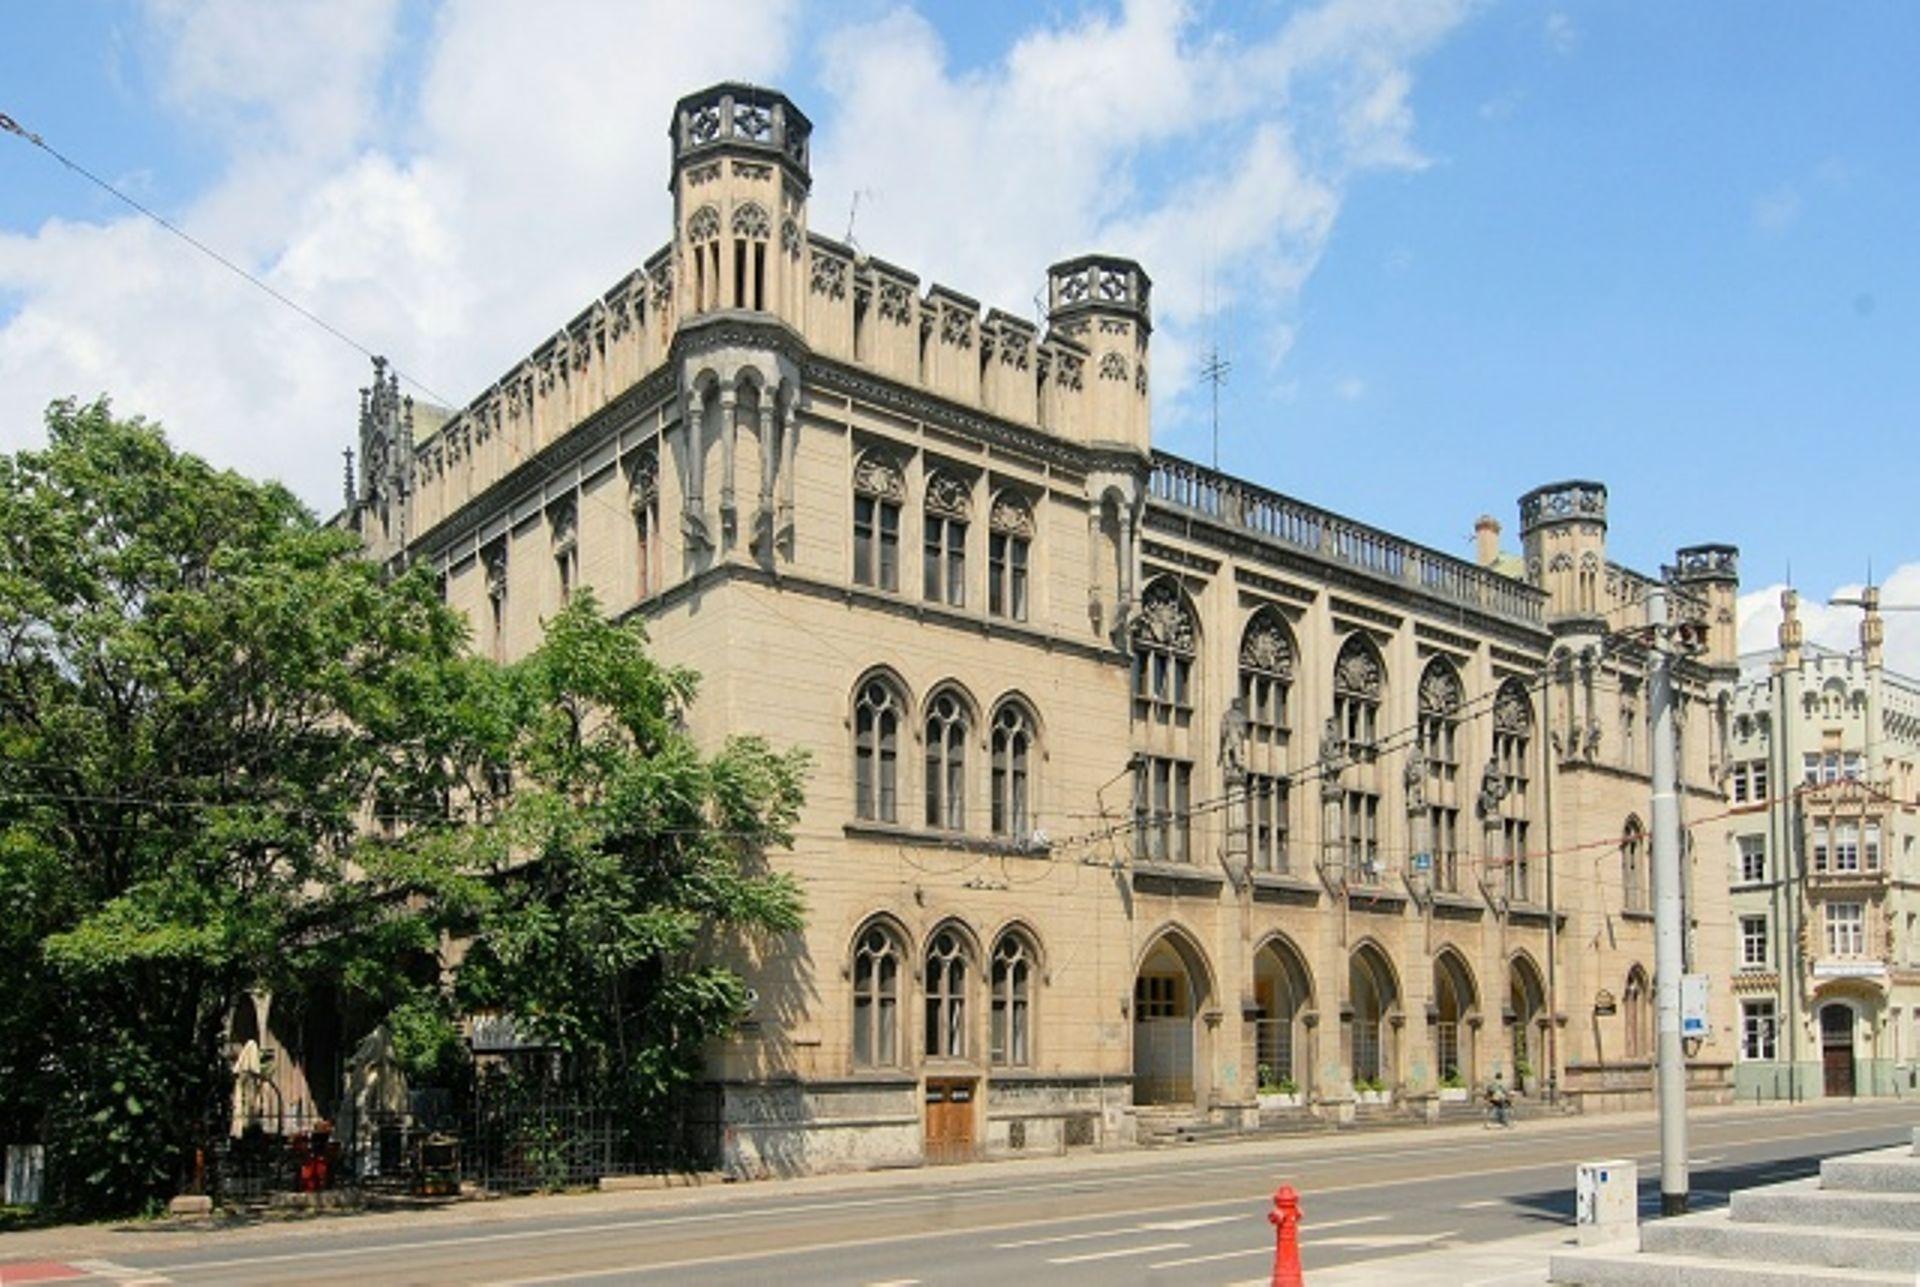 Zabytkowy budynek dawnej Nowej Giełdy we Wrocławiu wystawiony na sprzedaż za miliony